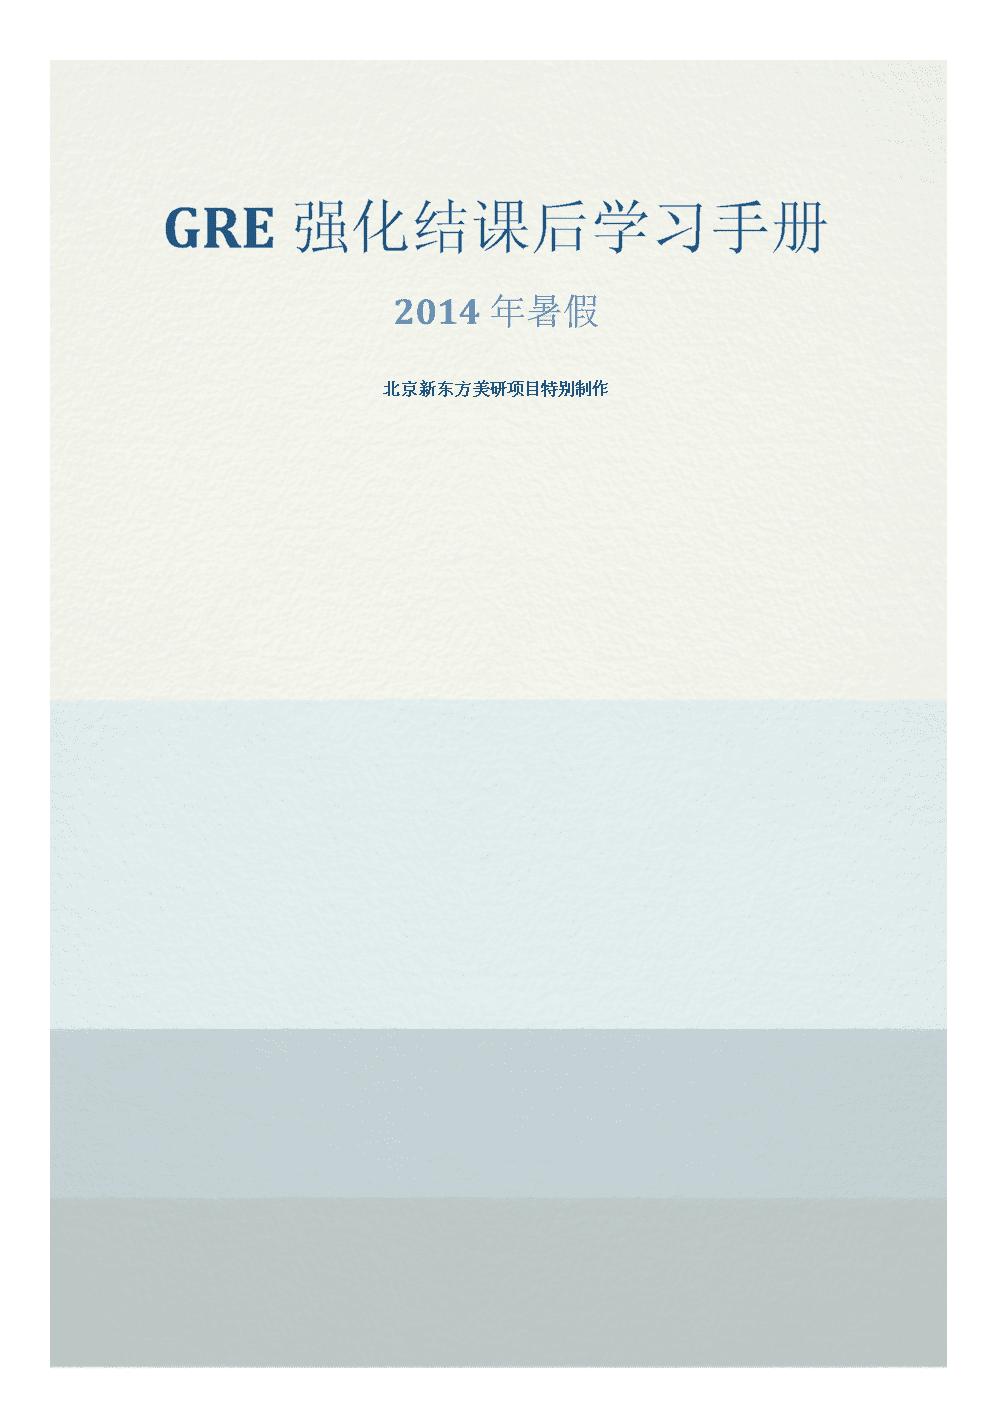 GRE强化结课后学习手册(适合班级TR14378,TR14318,TR14314,TR14329,TR14316,TR14304,TR14305,TR14335,TR14319,TR14336).docx